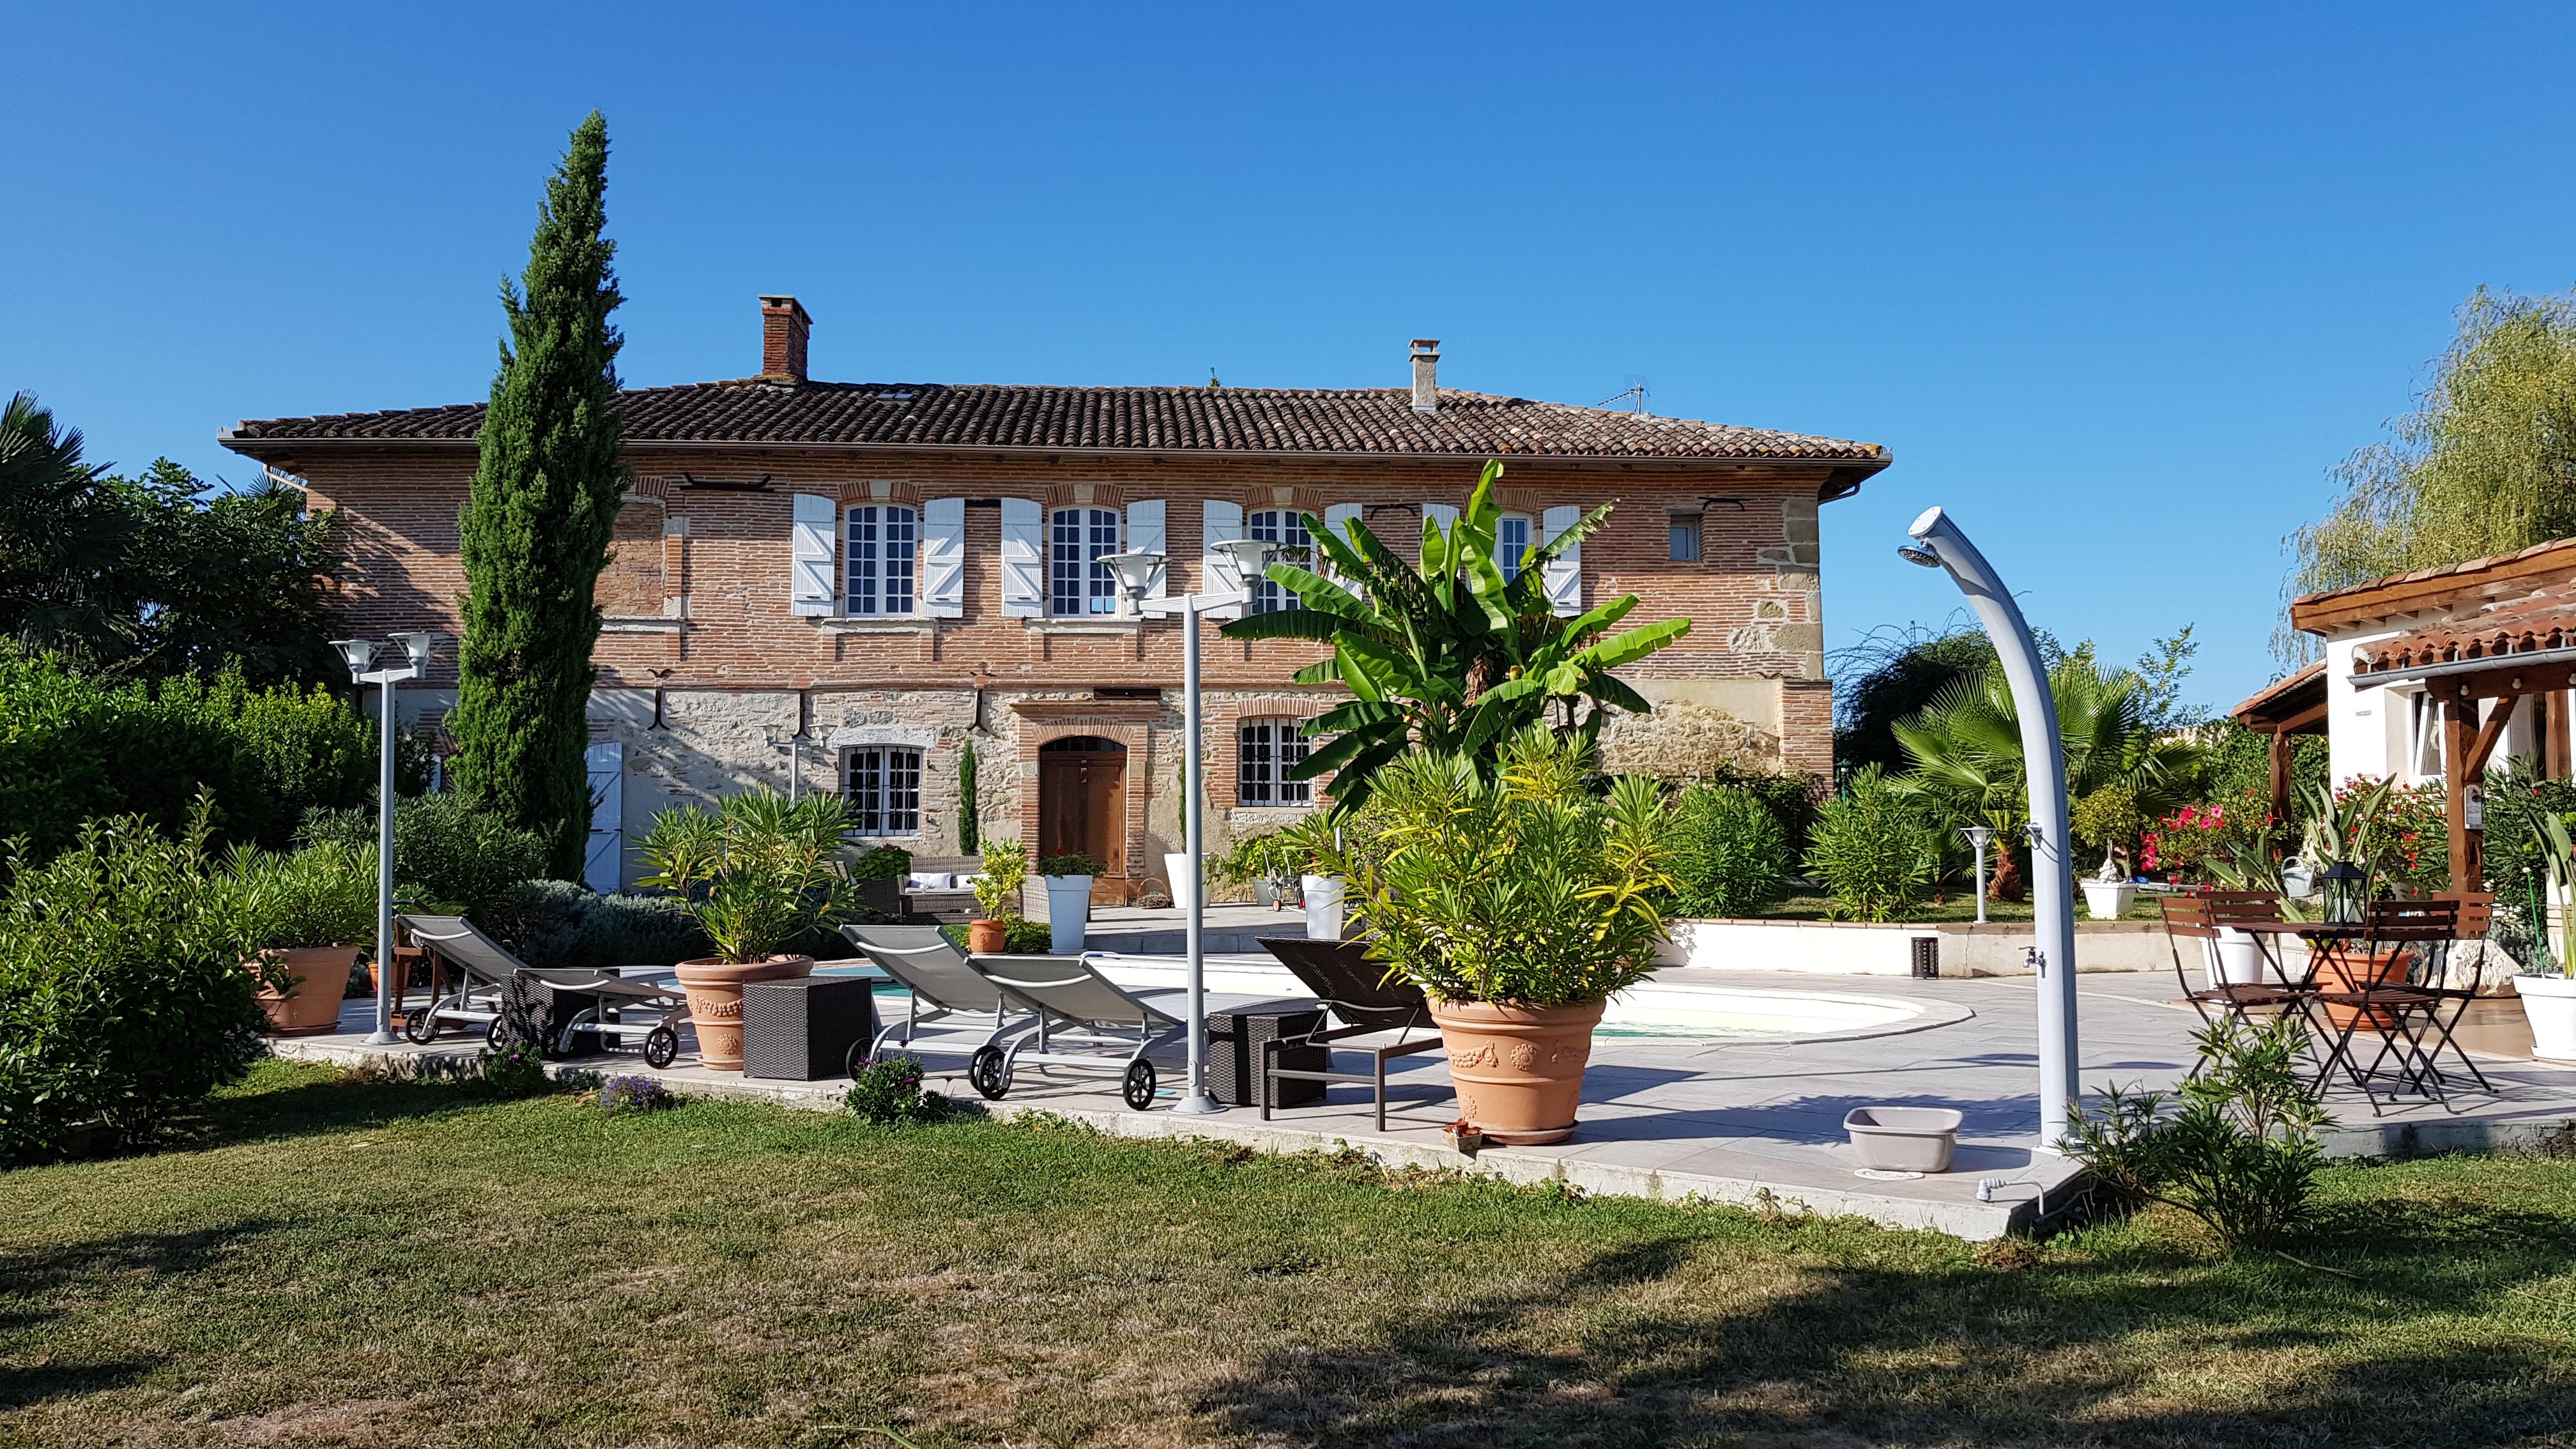 Maison de maître 280 m² – 13 pièces – Piscine.